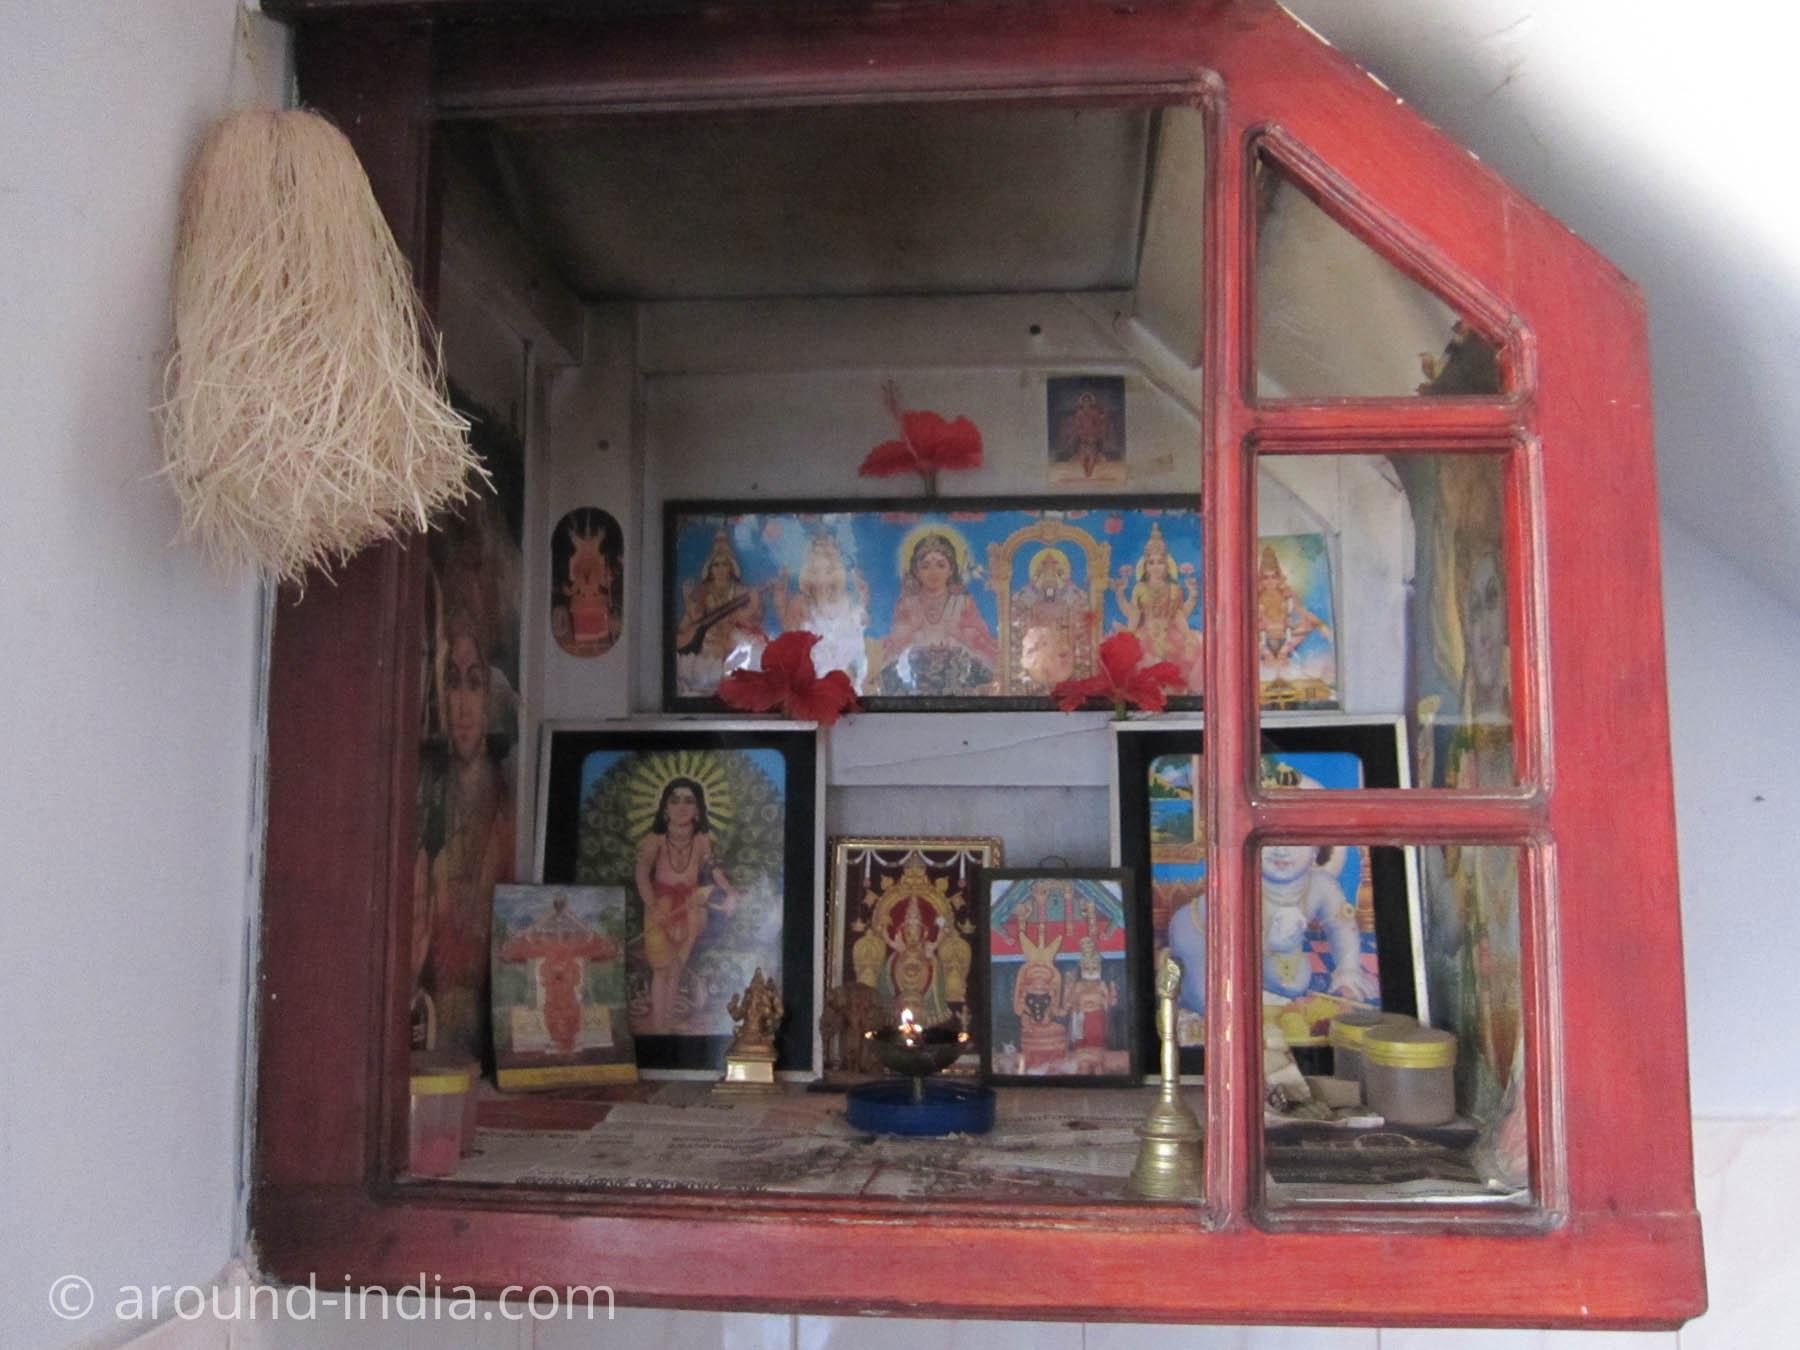 カヌール、カラリパヤットゥ先生の祭壇